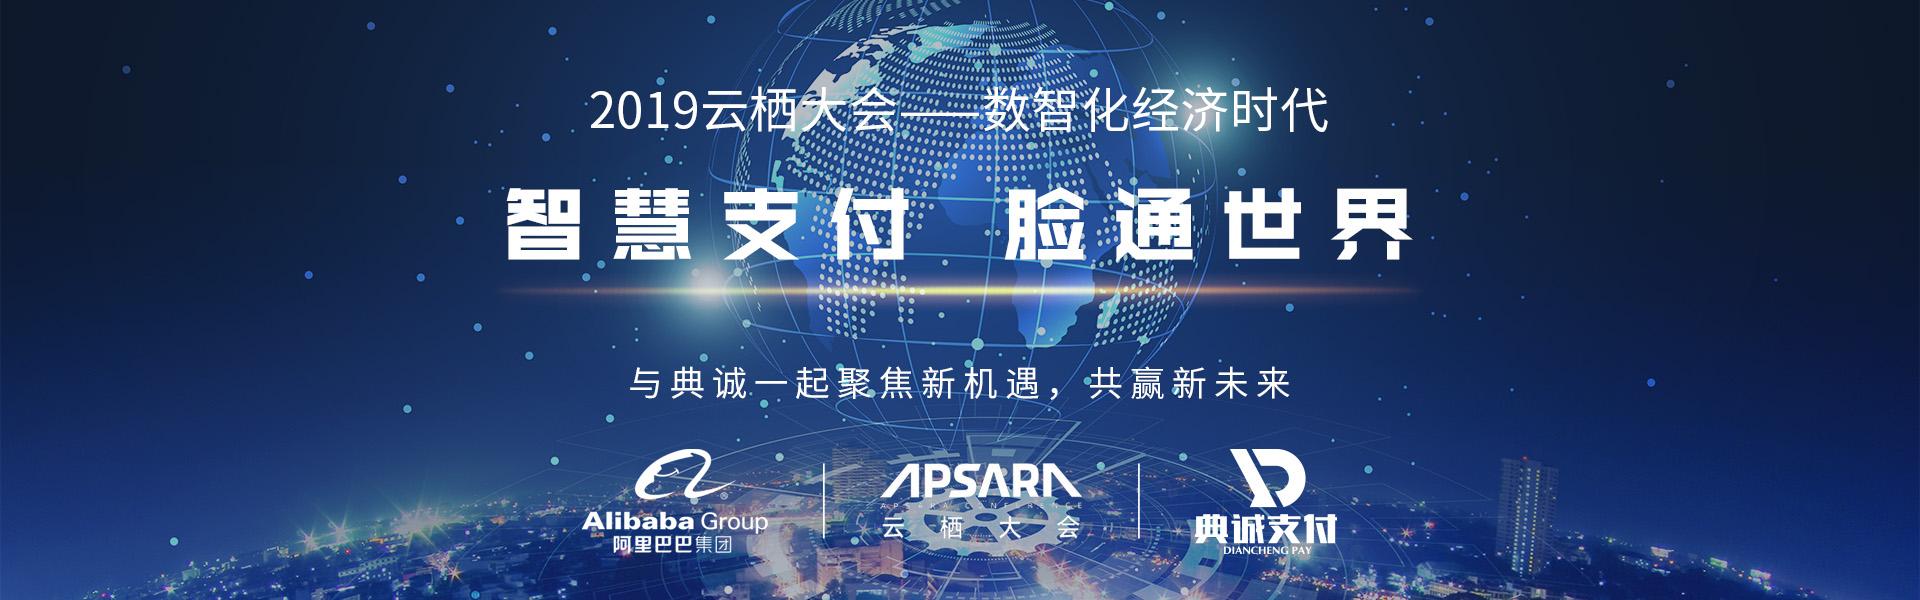 官网banner设计